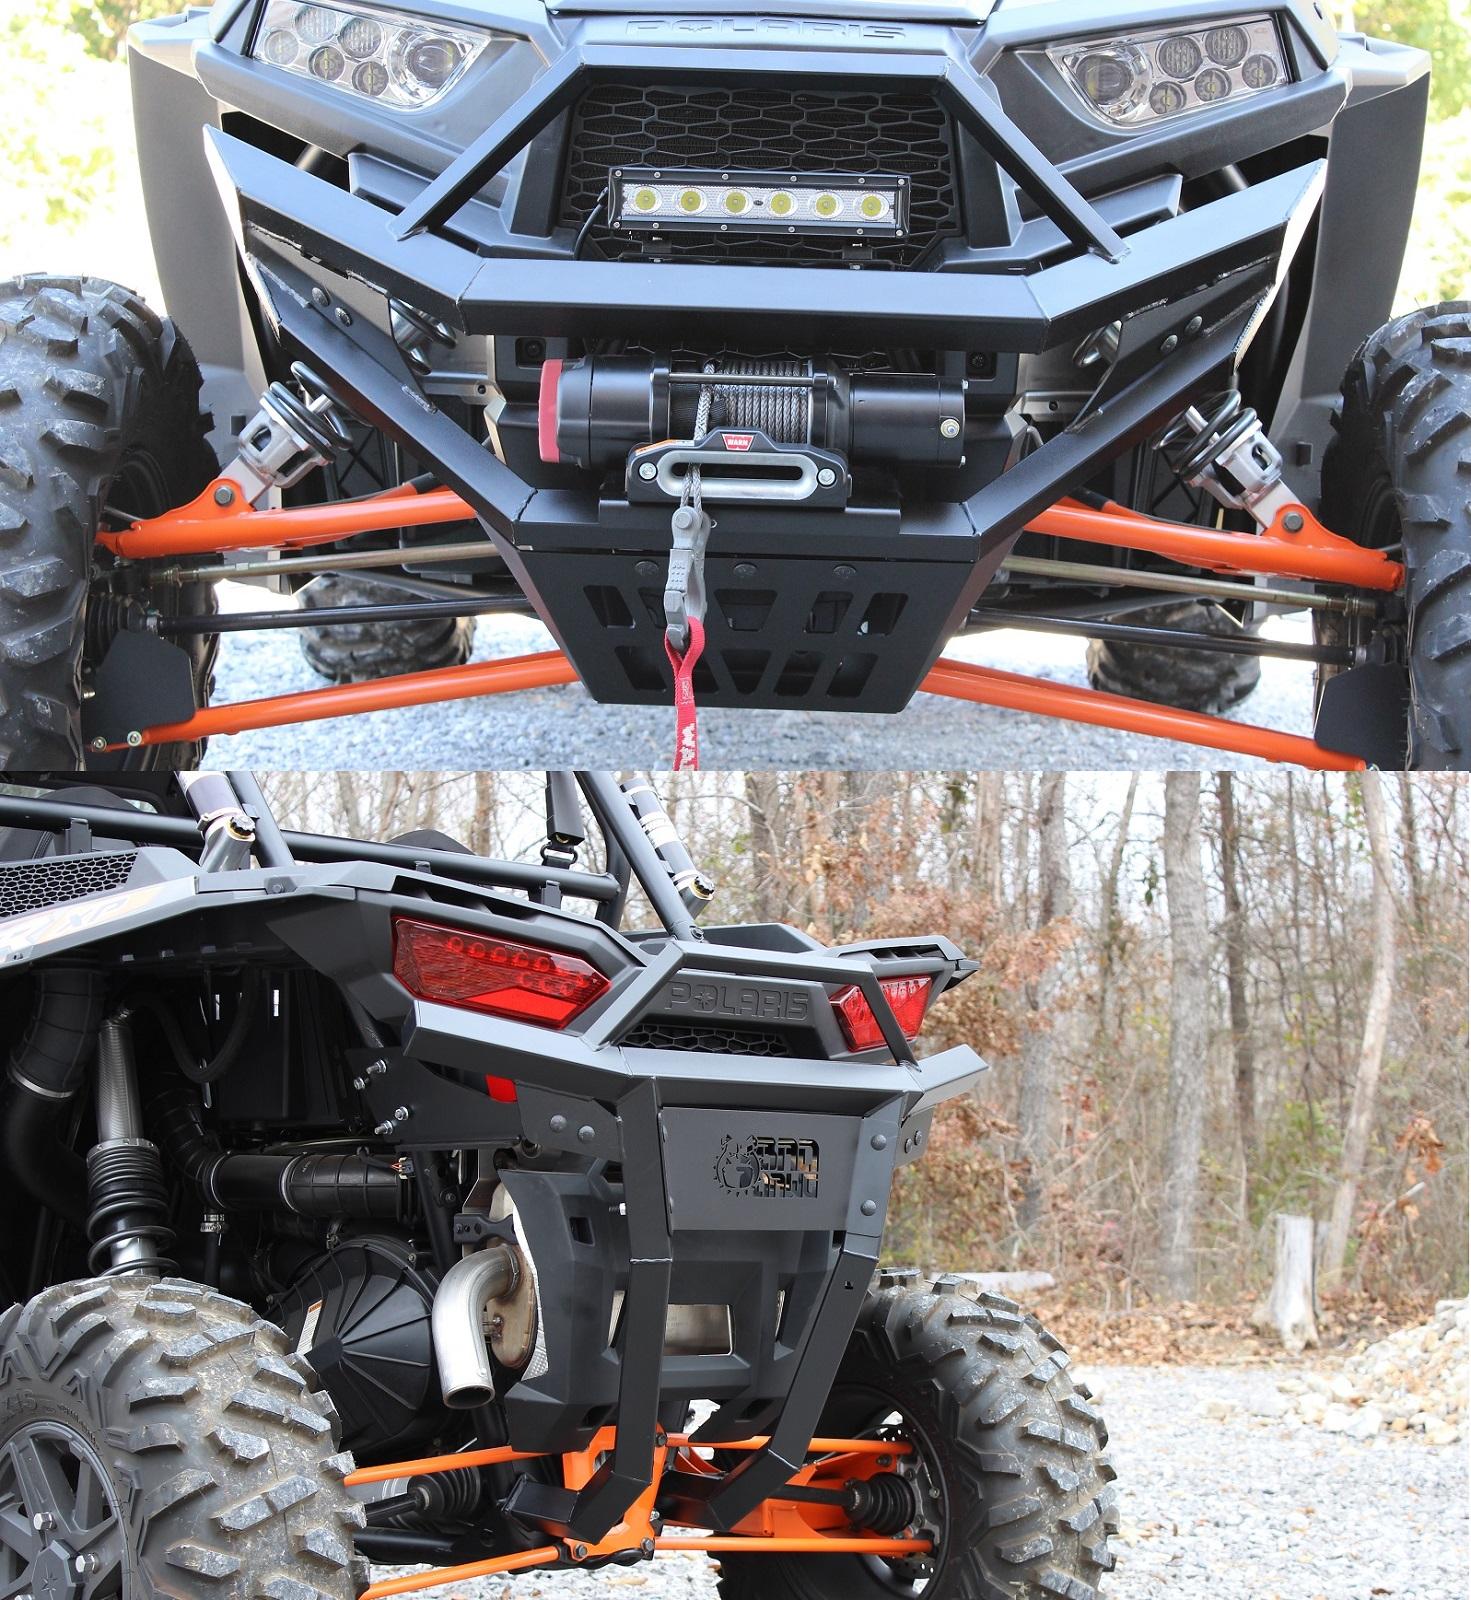 Polaris RZR XP1000 RZR4 XP1000 XP1K 2014-2018 Bad Dawg Custom Rear Bumper